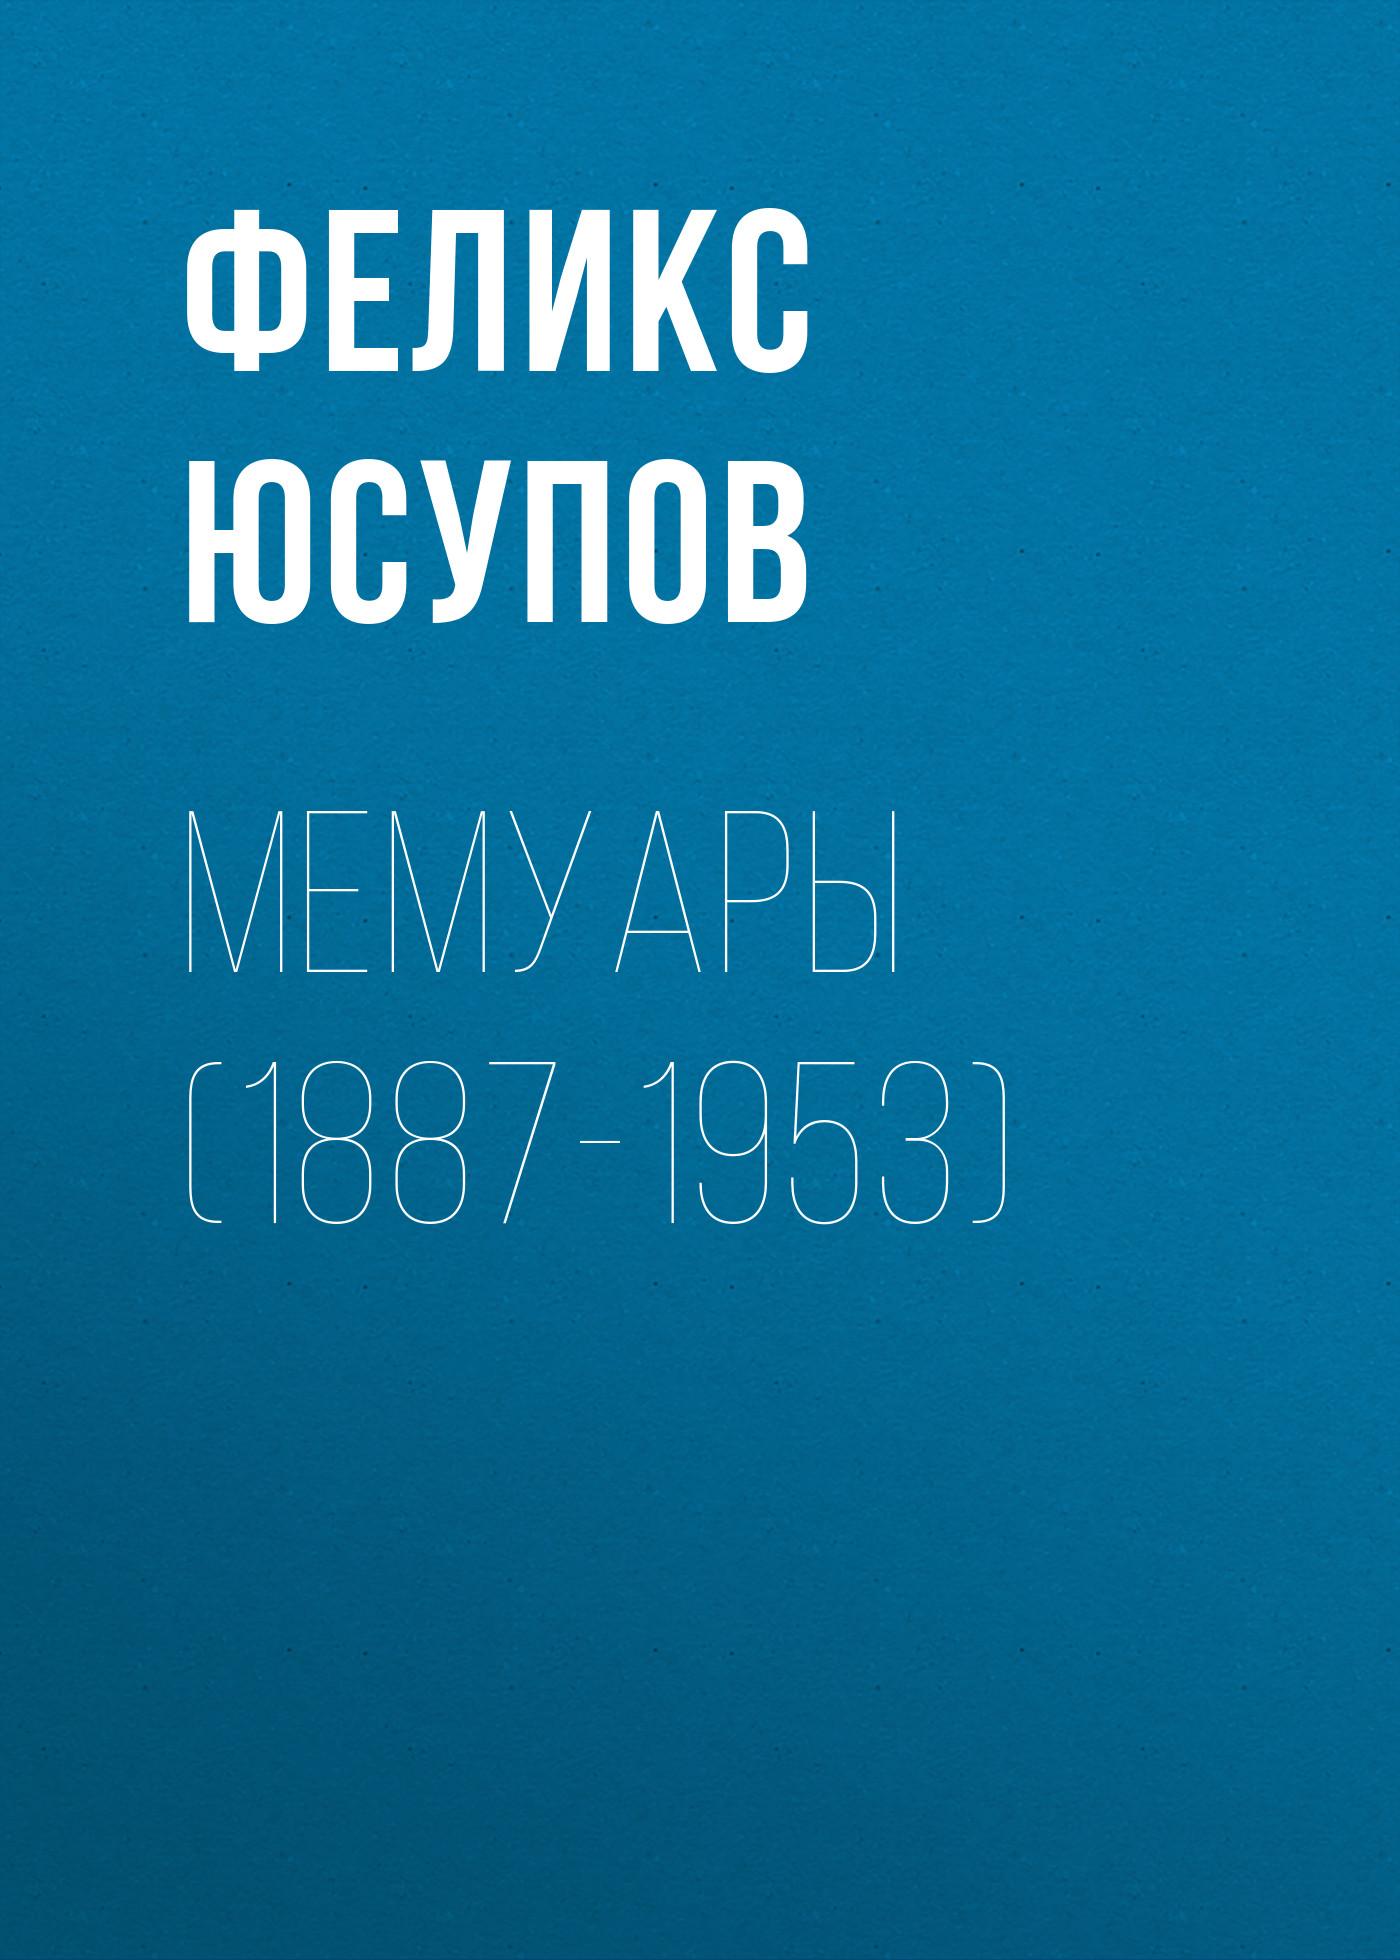 Феликс Юсупов Мемуары (1887-1953) феликс юсупов князь феликс юсупов мемуары в двух книгах